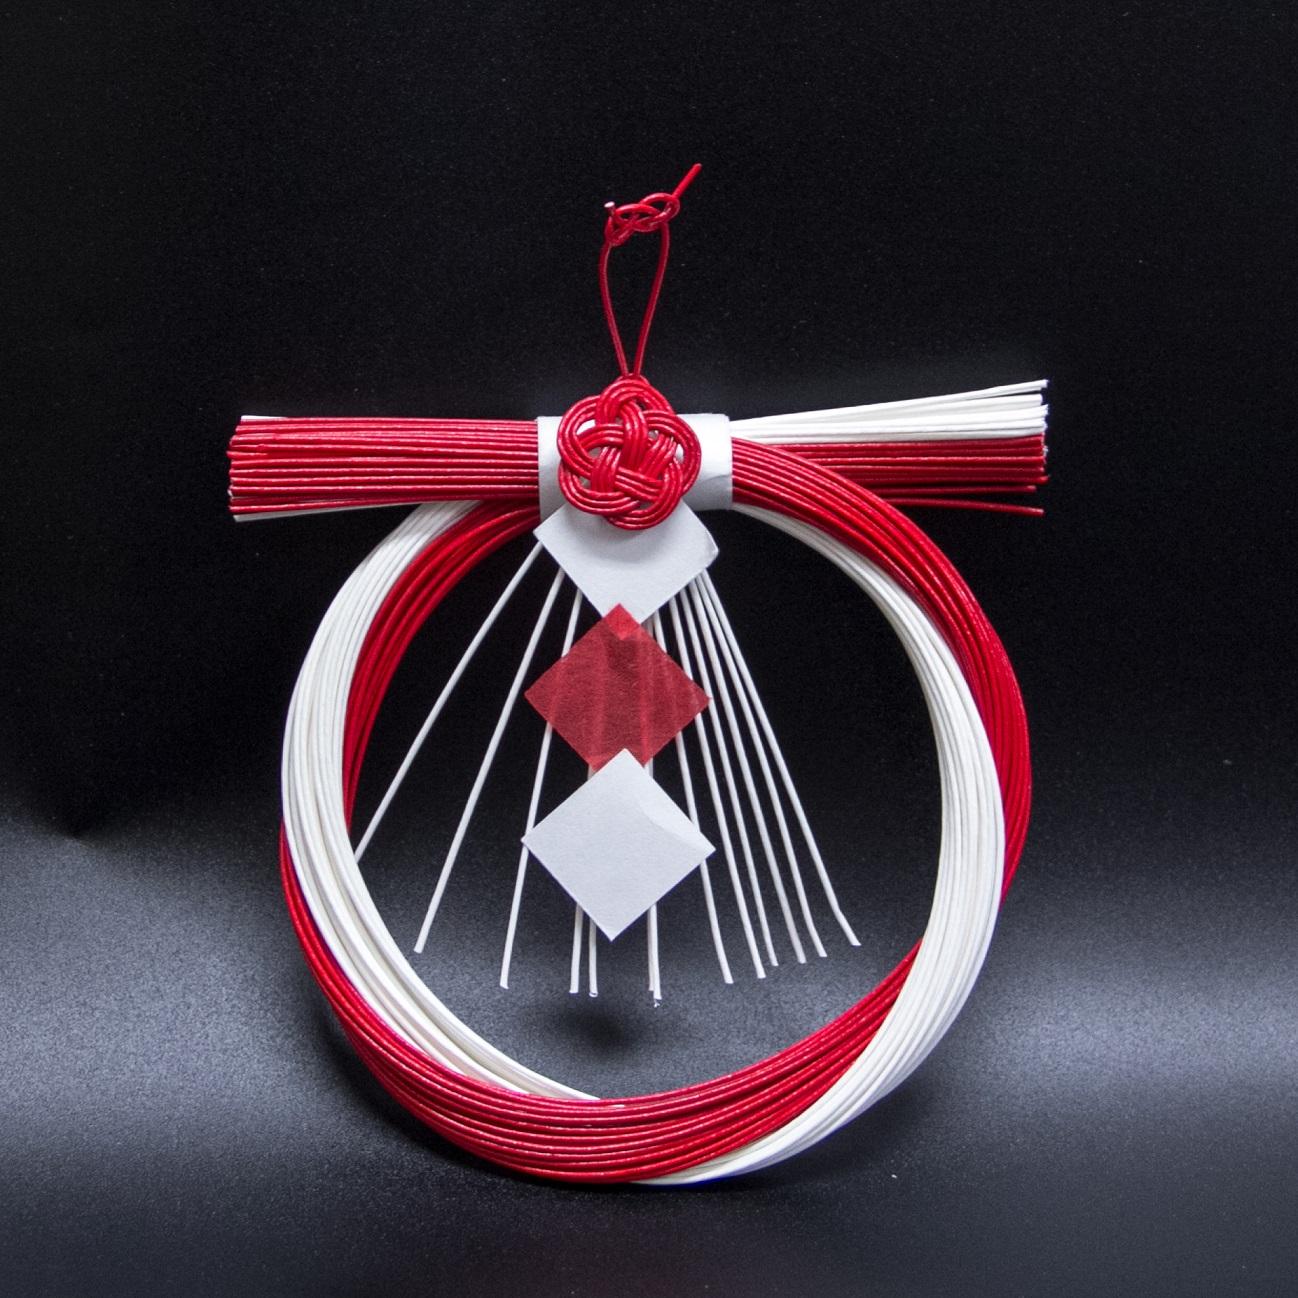 ワークショップ室礼教室『お正月の輪飾り』